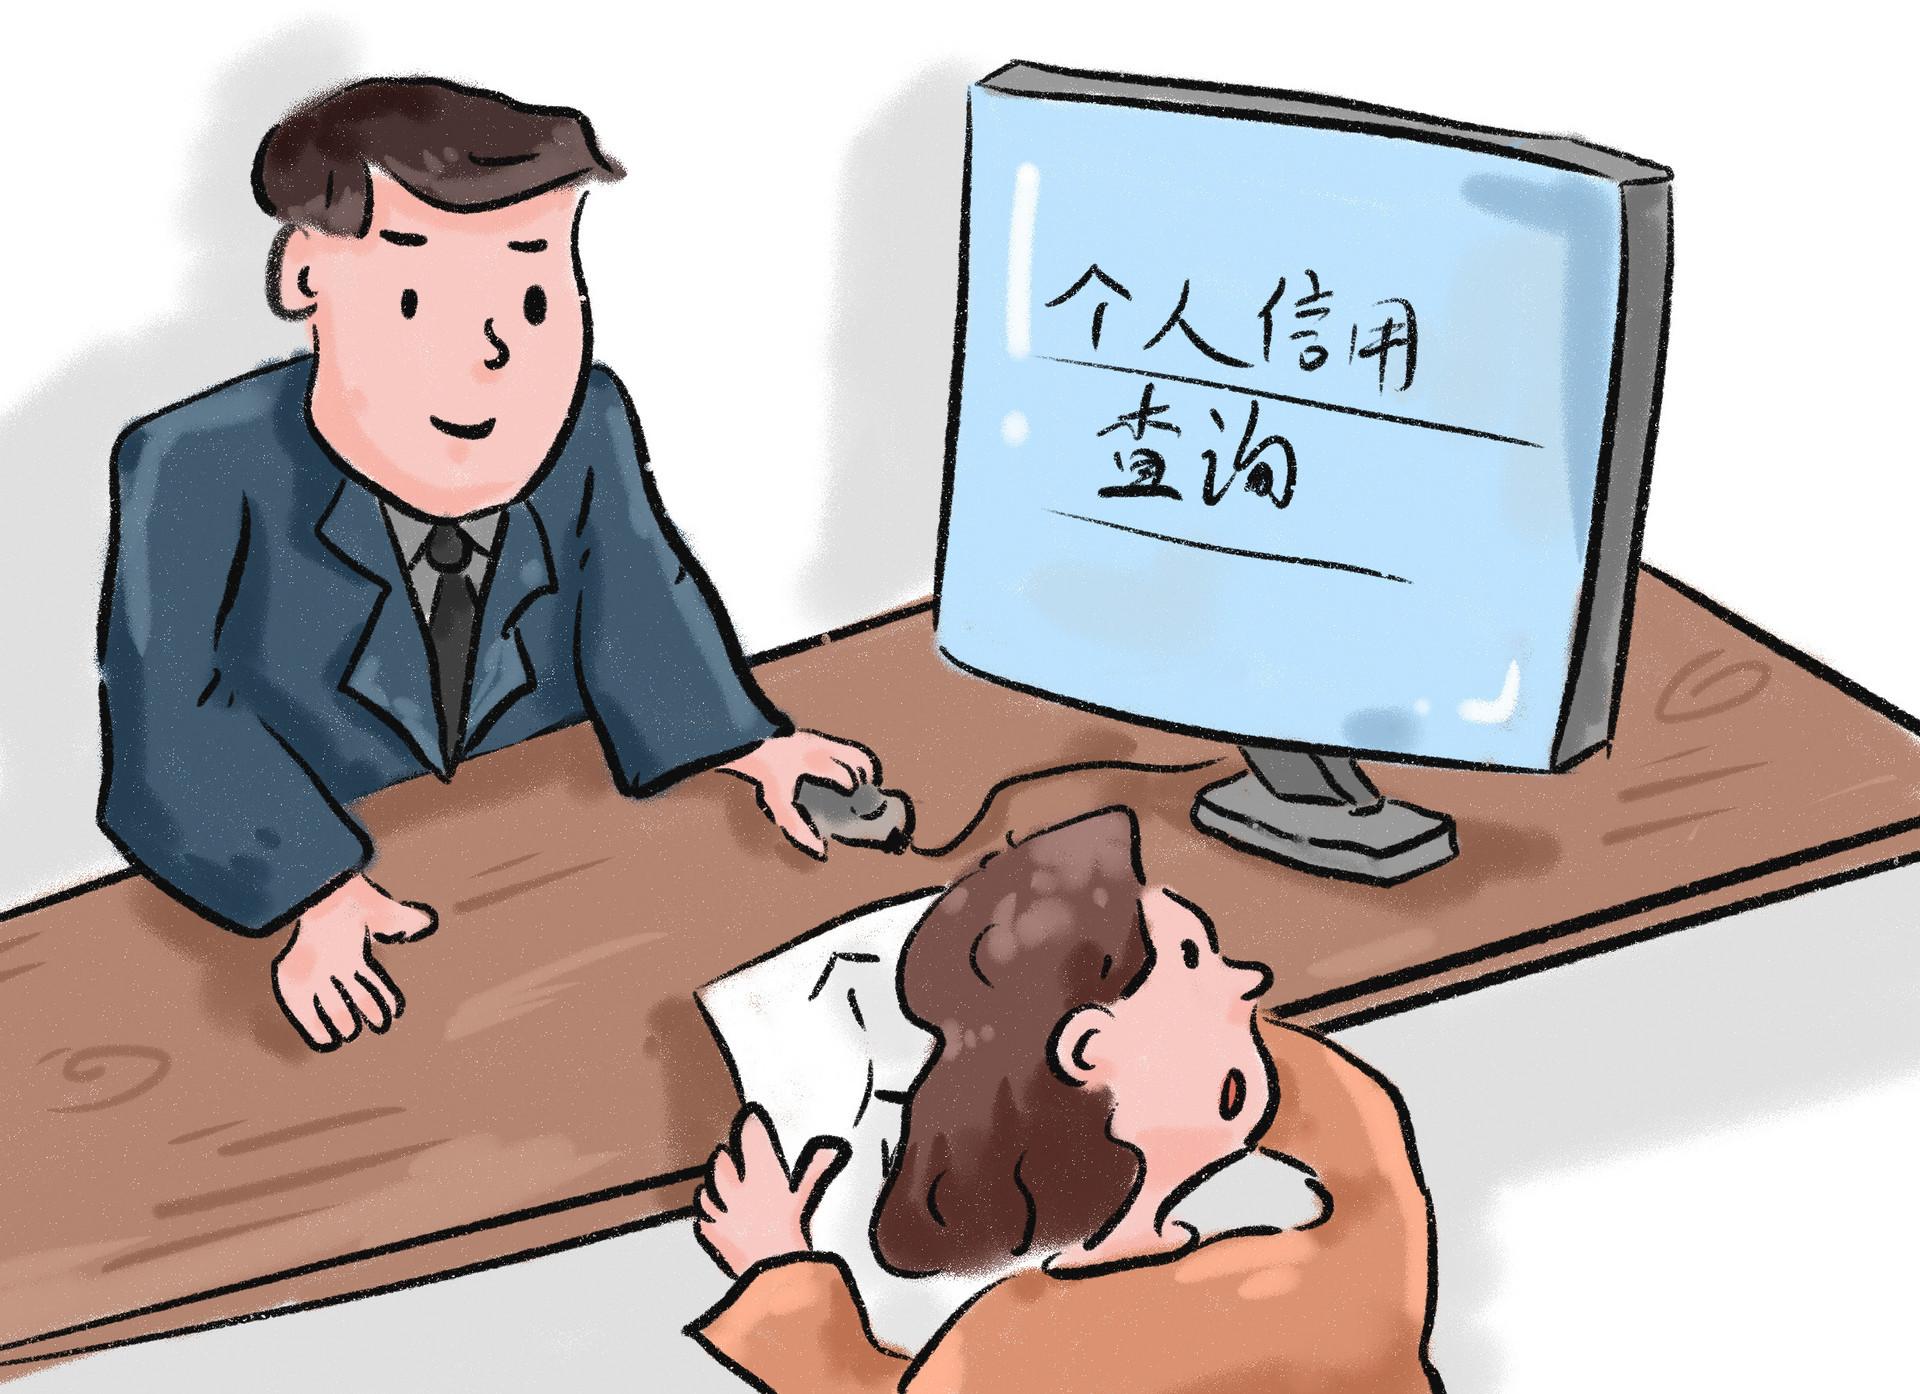 """博狗娱乐网站怎么样 - 房子陷入""""买不起卖不掉""""僵局,却""""不允许""""降价,曹德旺怒批"""